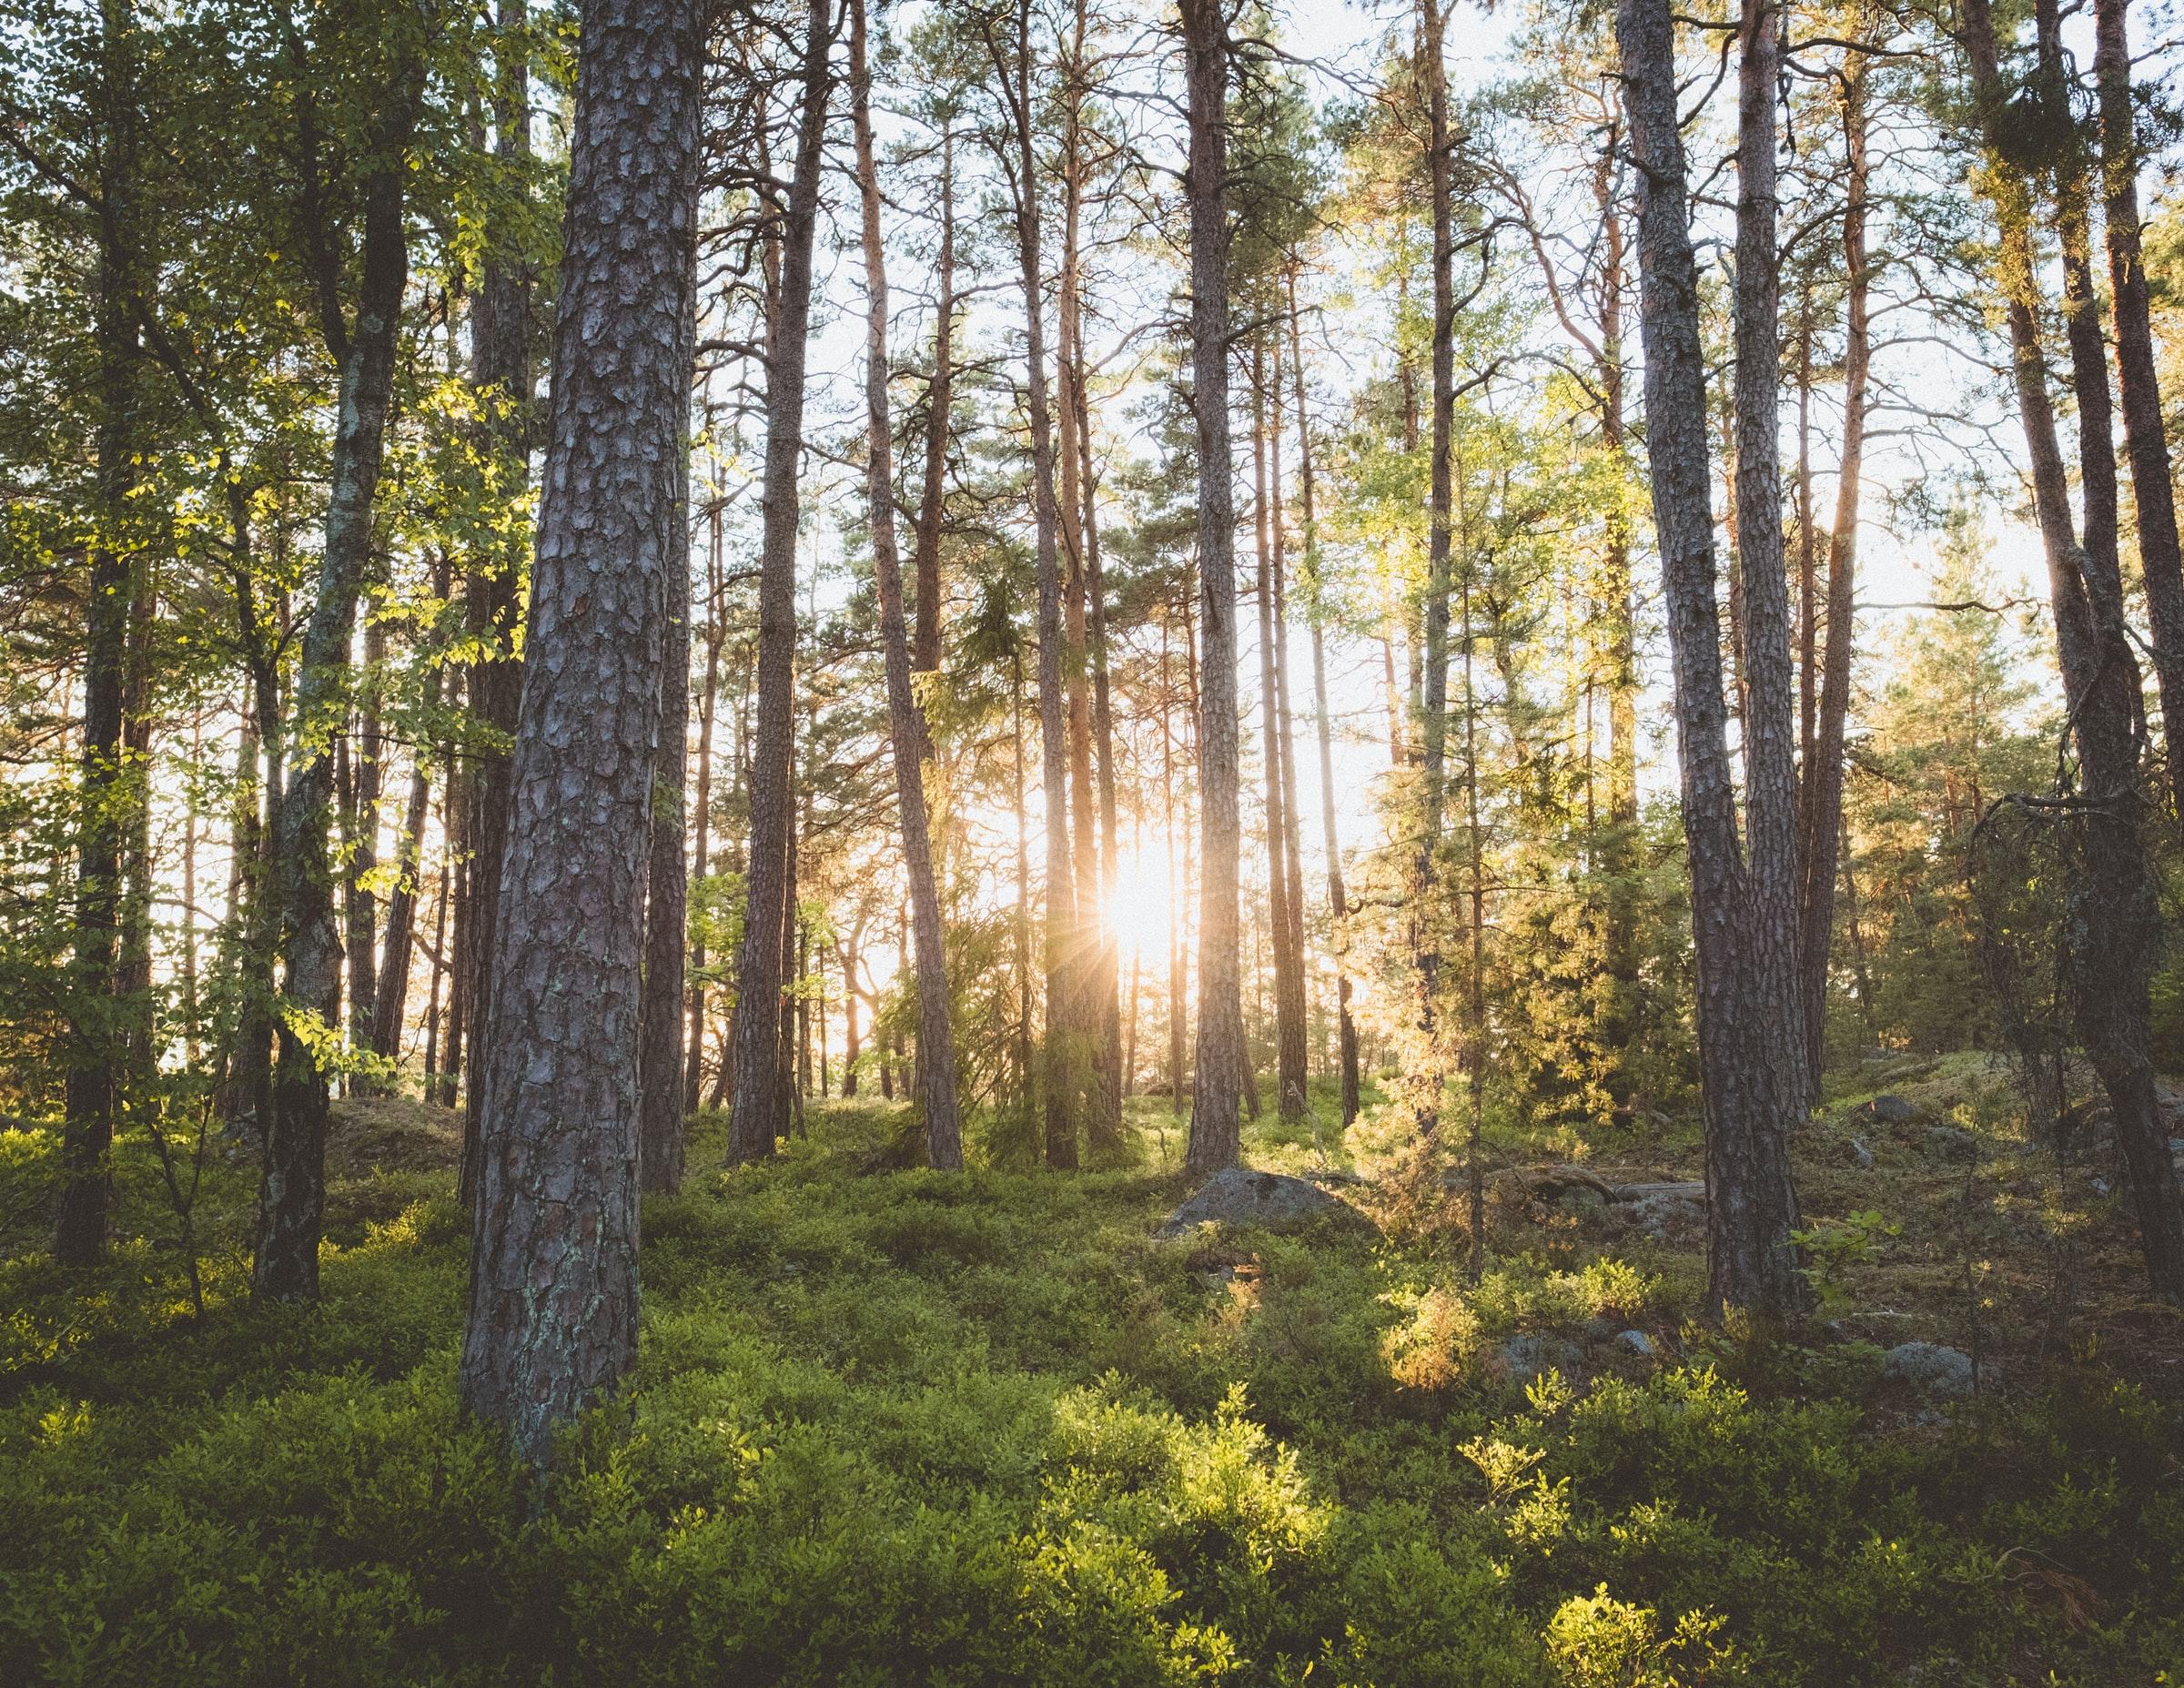 tallskog i solsken